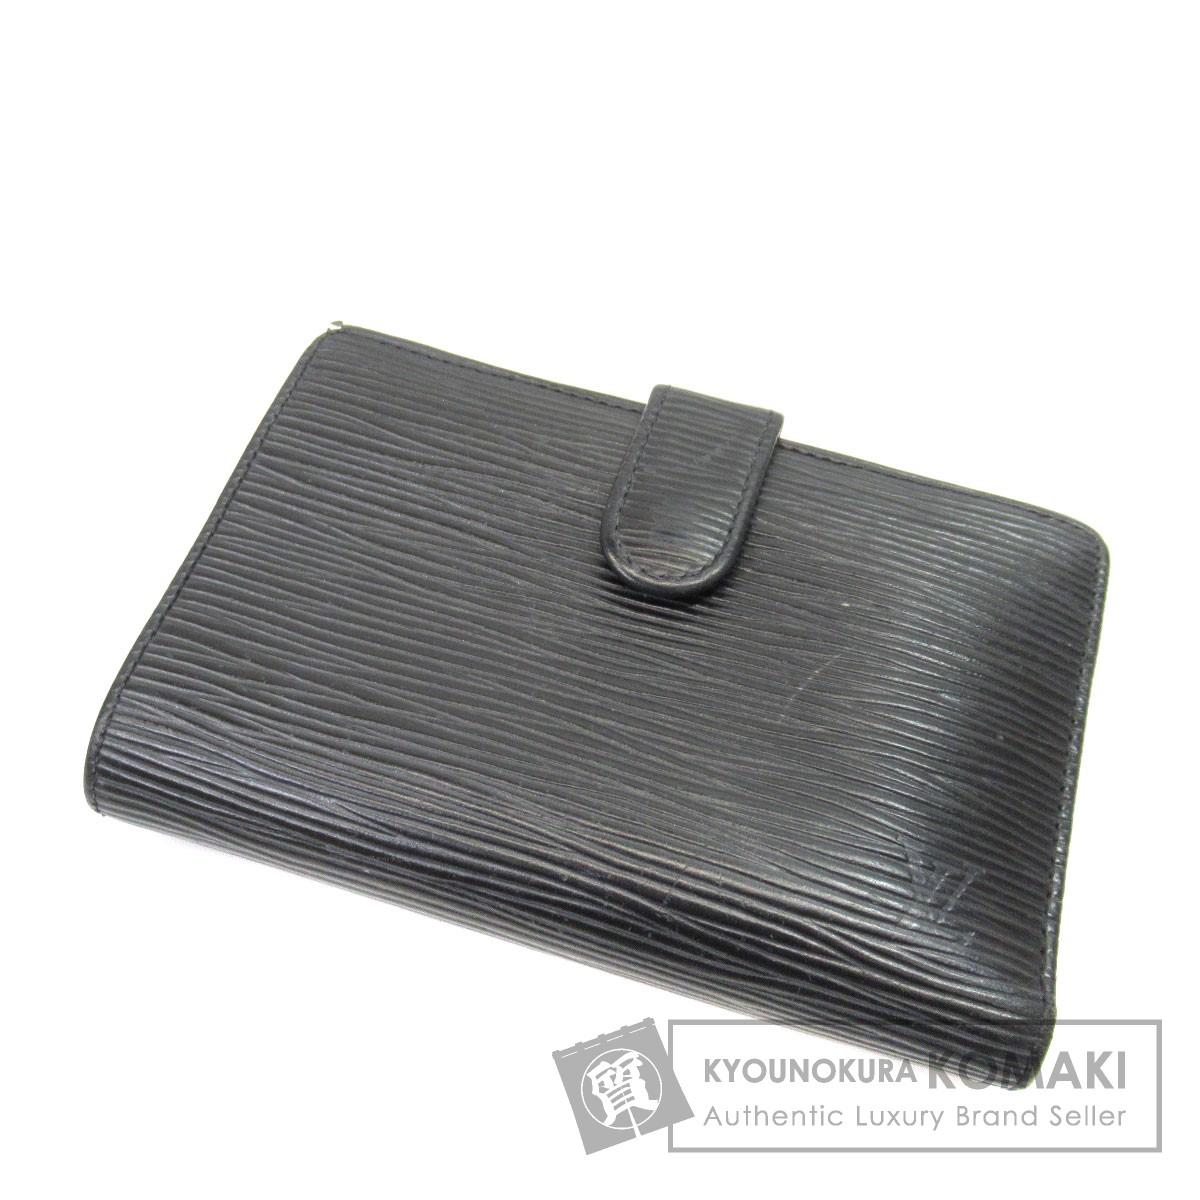 LOUIS VUITTON M63242 ガマグチ ポルトフォイユ・ヴィエノワ 二つ折り財布(小銭入れあり) エピレザー ユニセックス 【中古】【ルイ・ヴィトン】